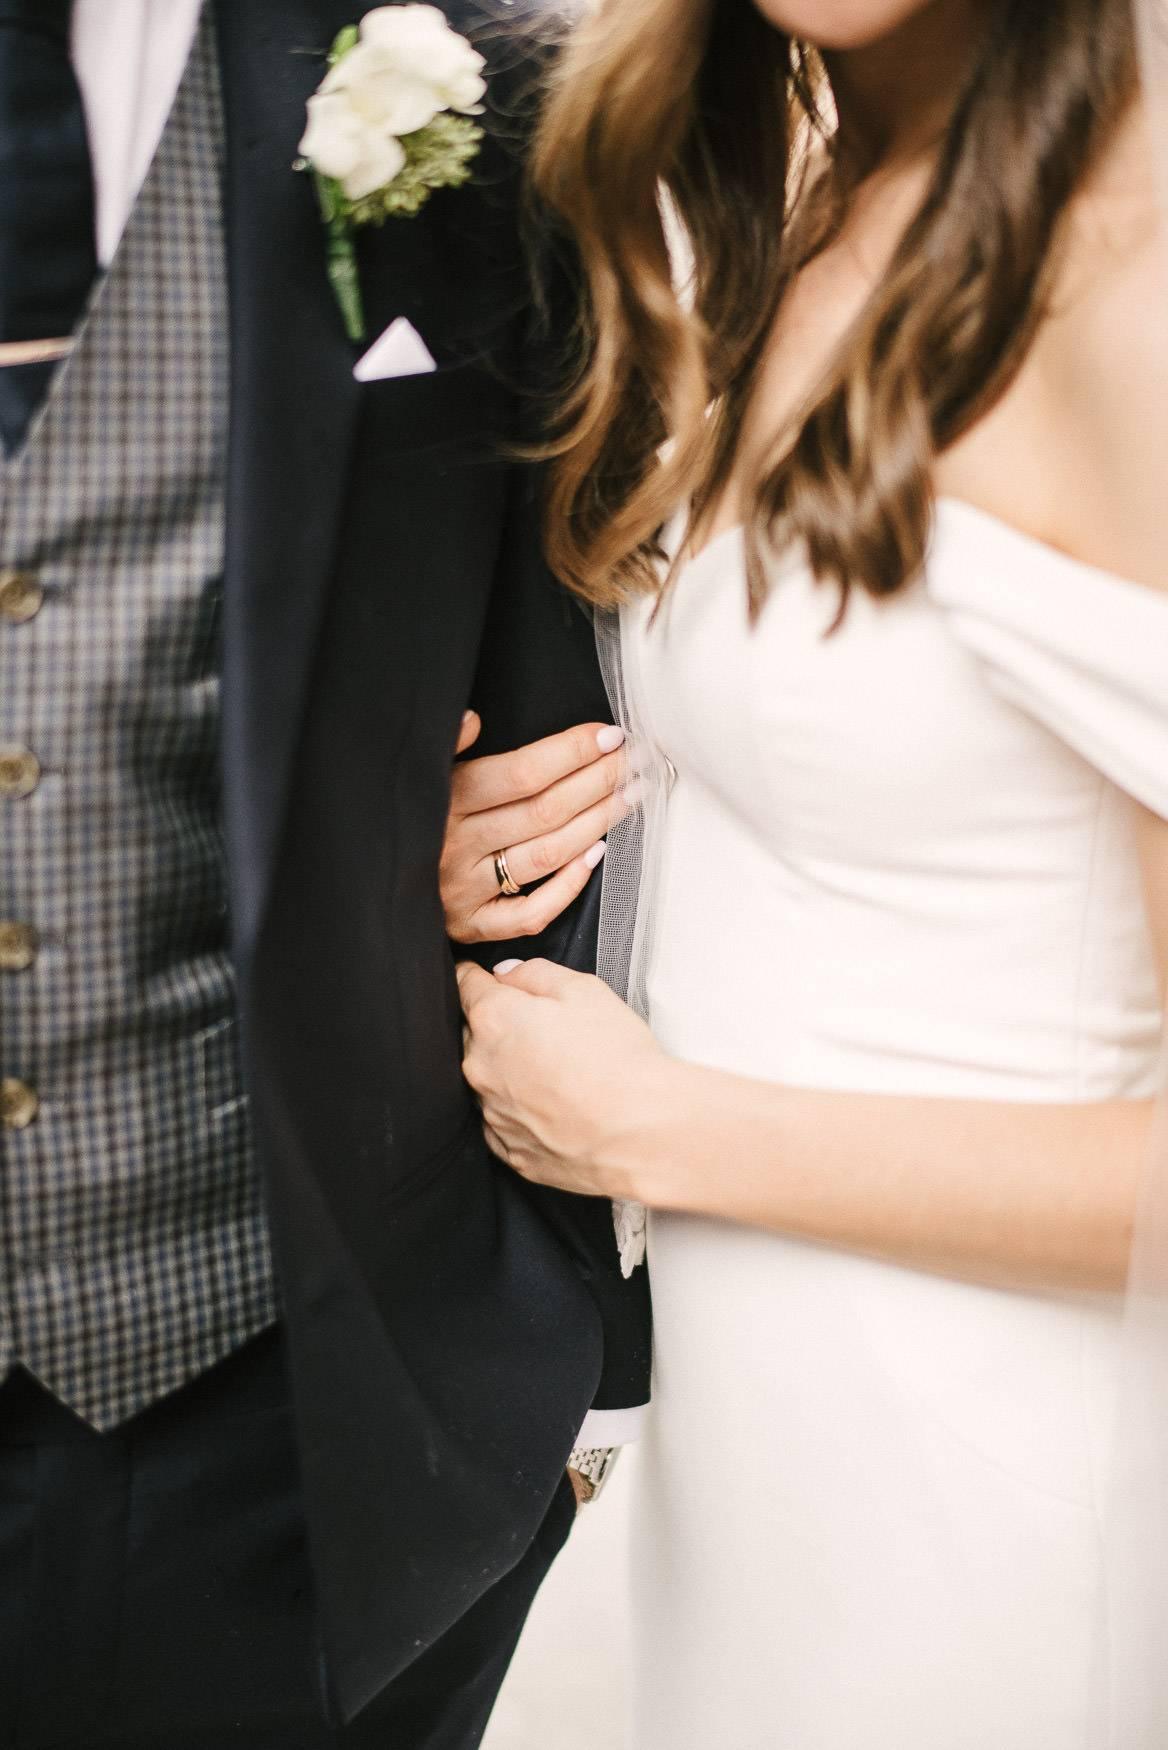 fotografo matrimonio verona 4